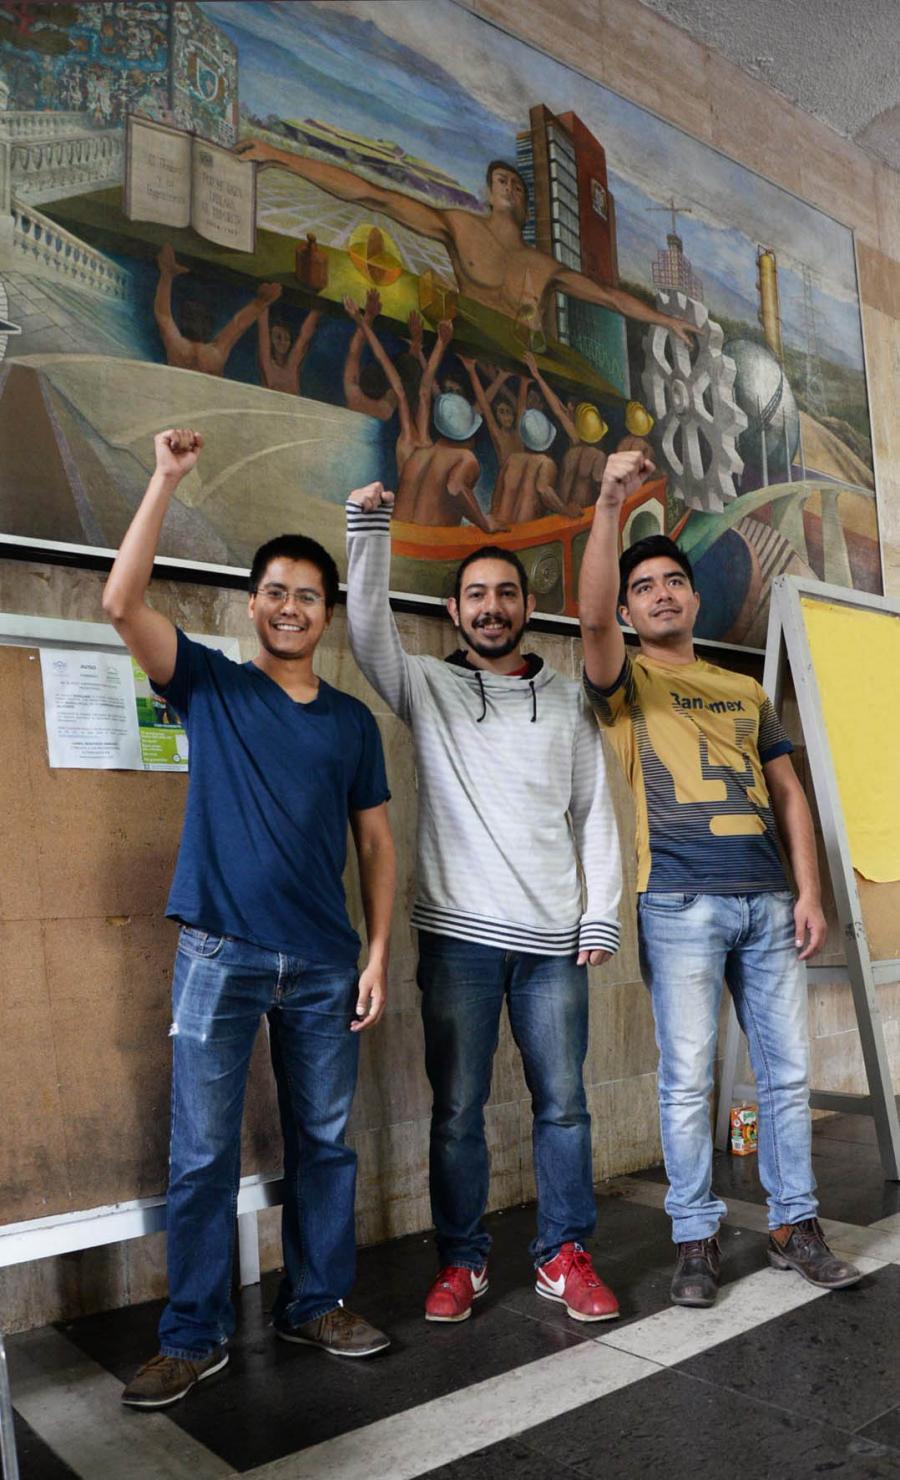 ESTUDIANTES DE LA UNAM REALIZARÁN ESTANCIA ACADÉMICA EN LA INTERNATIONAL SPACE UNIVERSITY